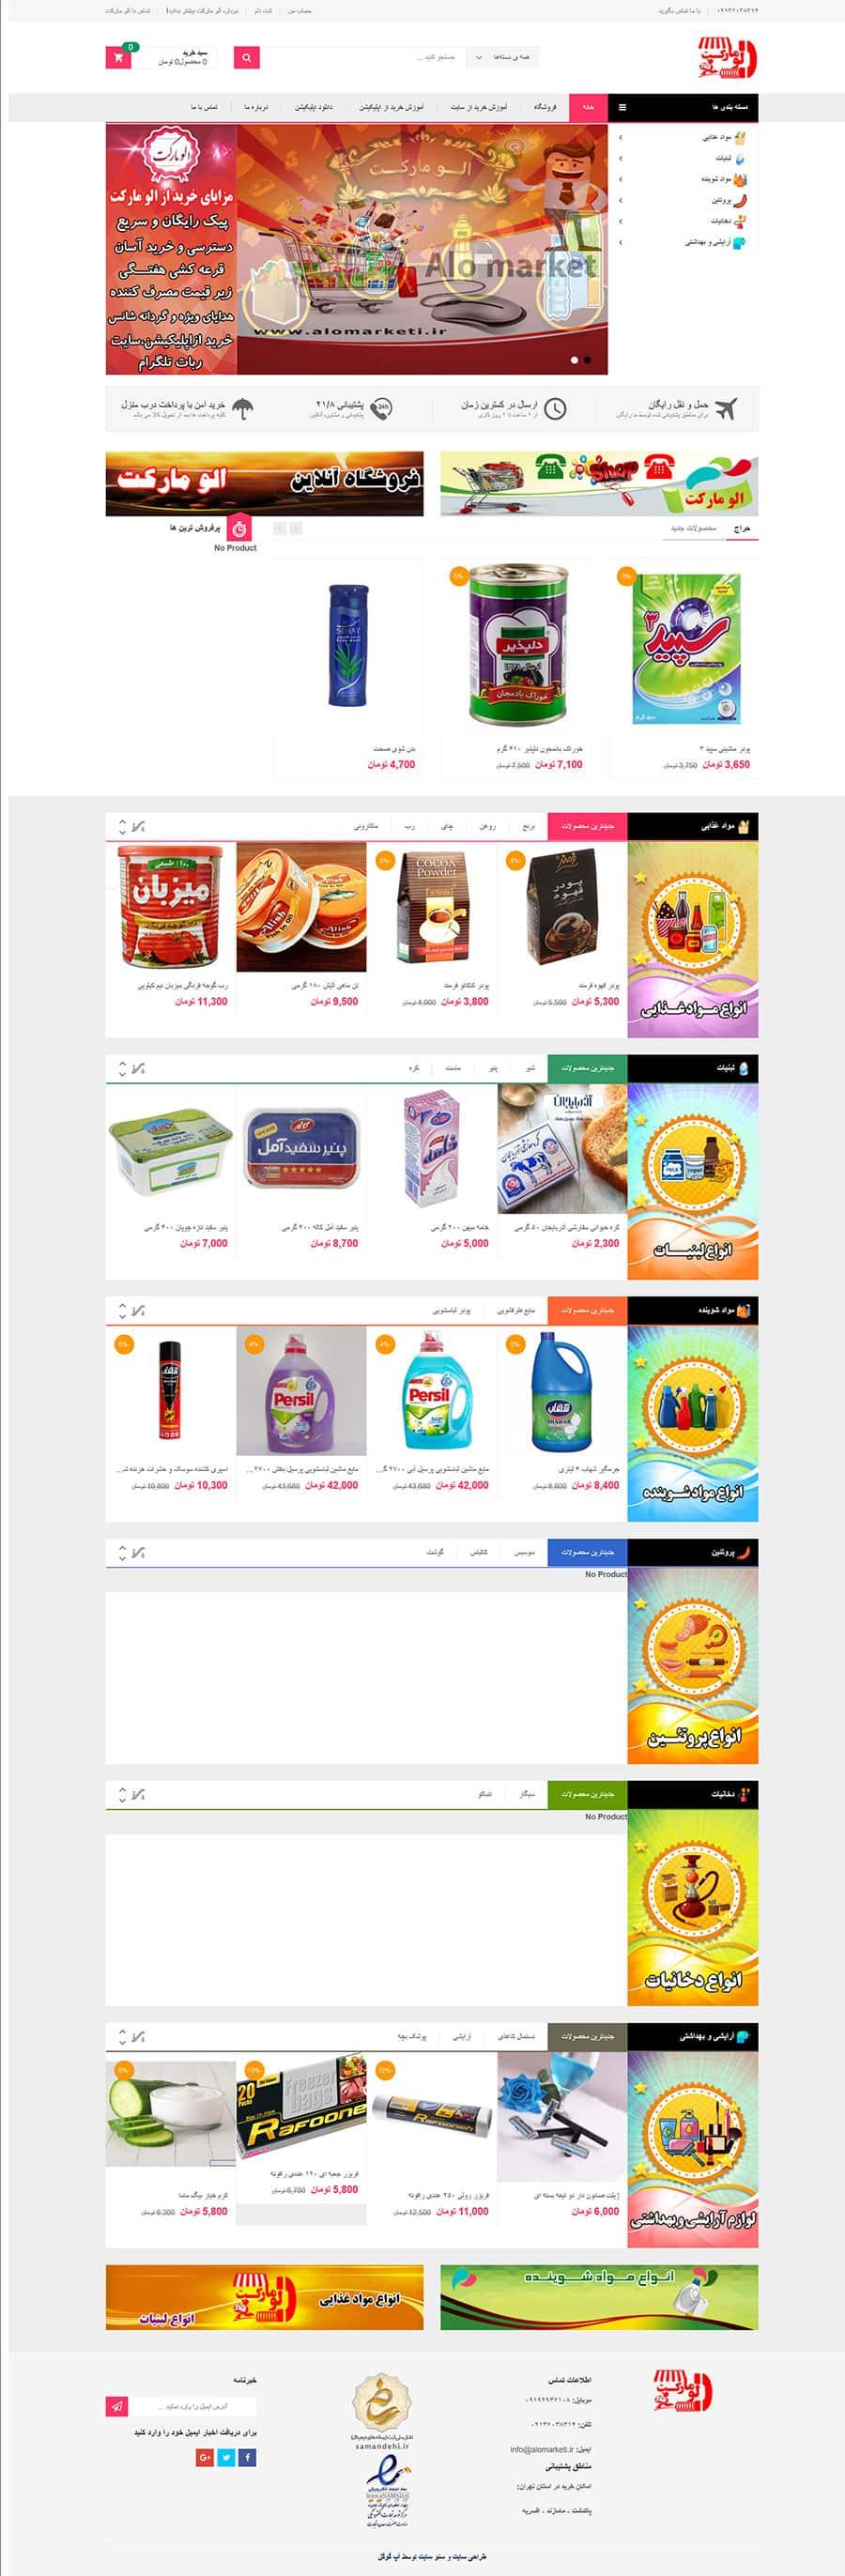 طراحی سایت الو مارکت